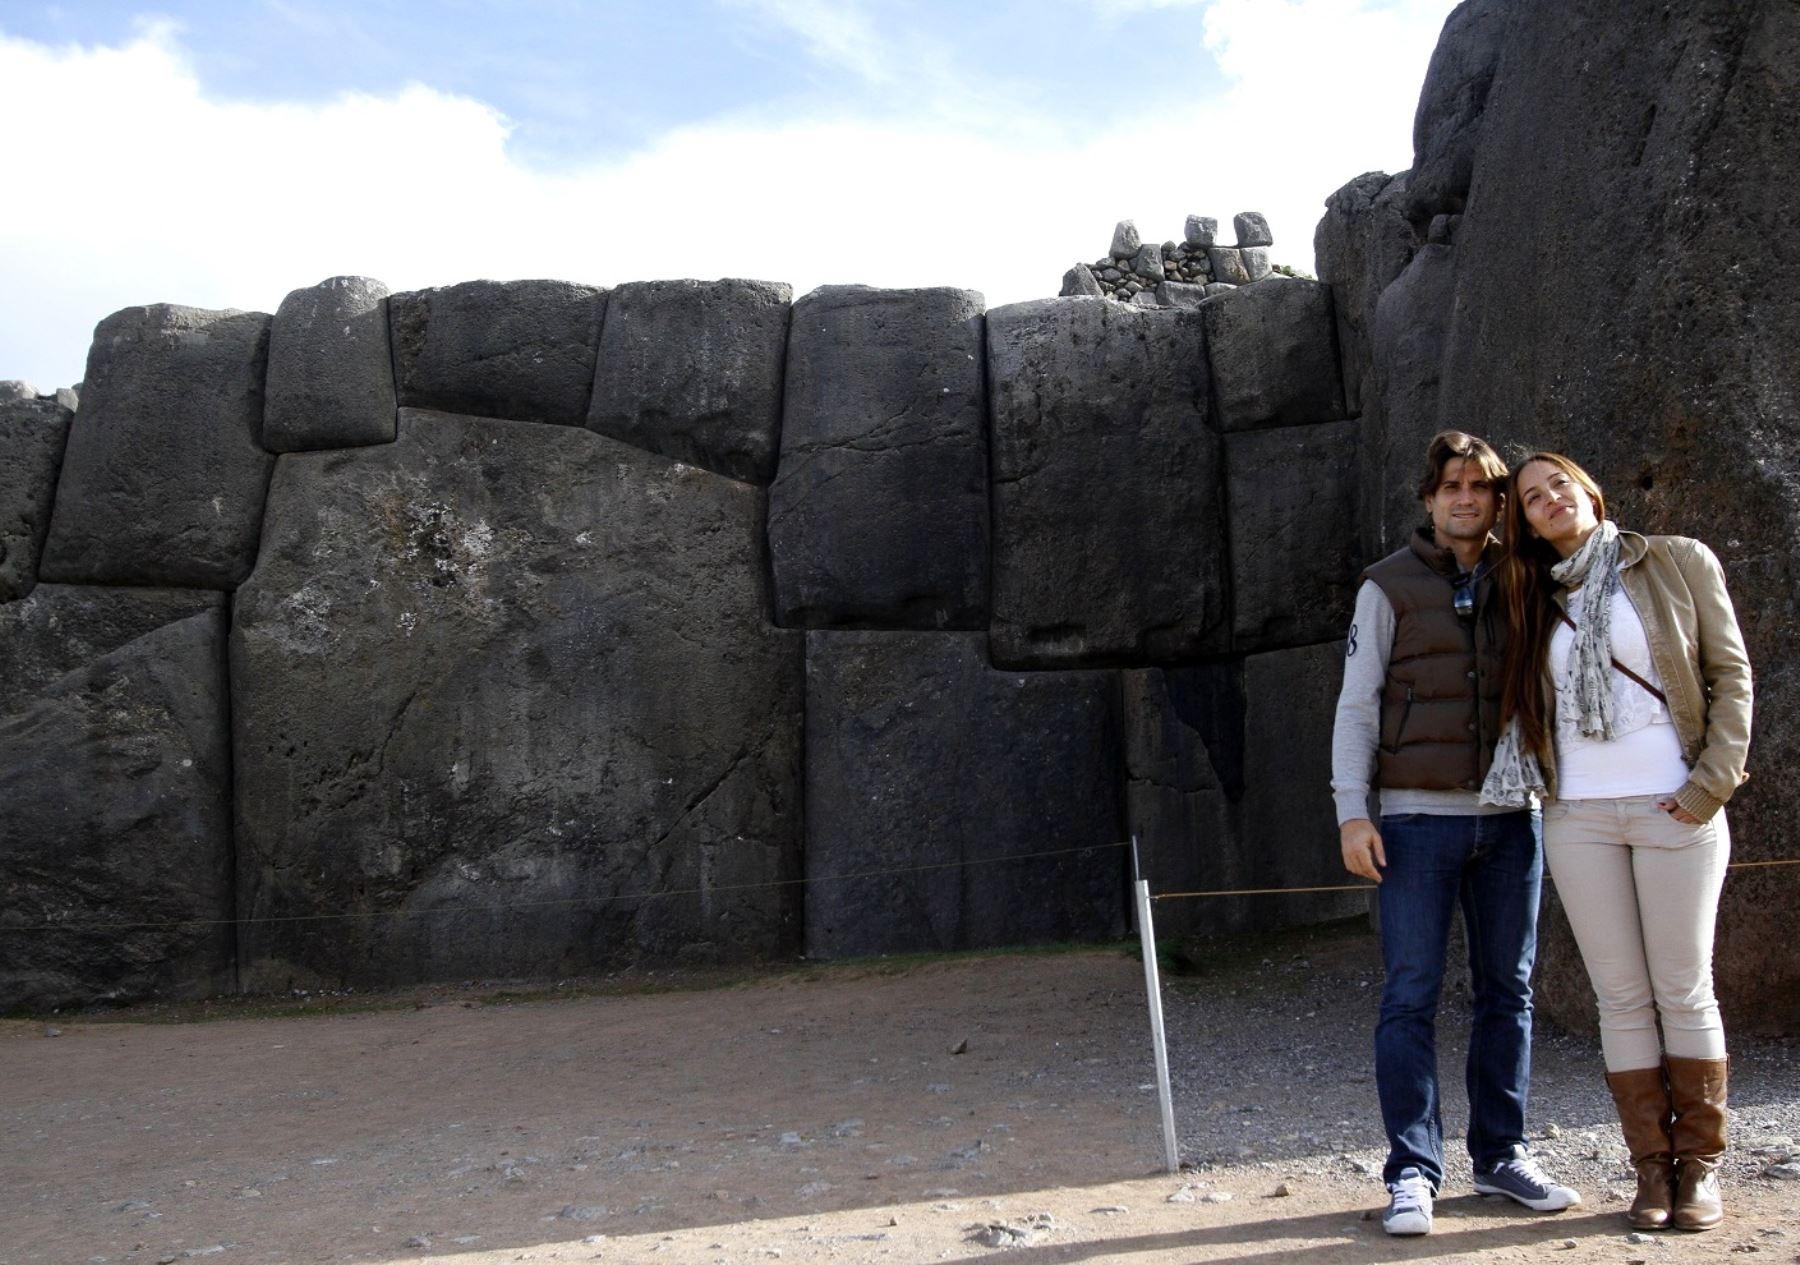 La Ley N° 23765, del 11 de julio de 1982 declaró a Sacsayhuamán Patrimonio Cultural de la Nación y estableció que las 2,997.26 hectáreas del Parque Arqueológico son intangibles. Foto: ANDINA/Percy Hurtado